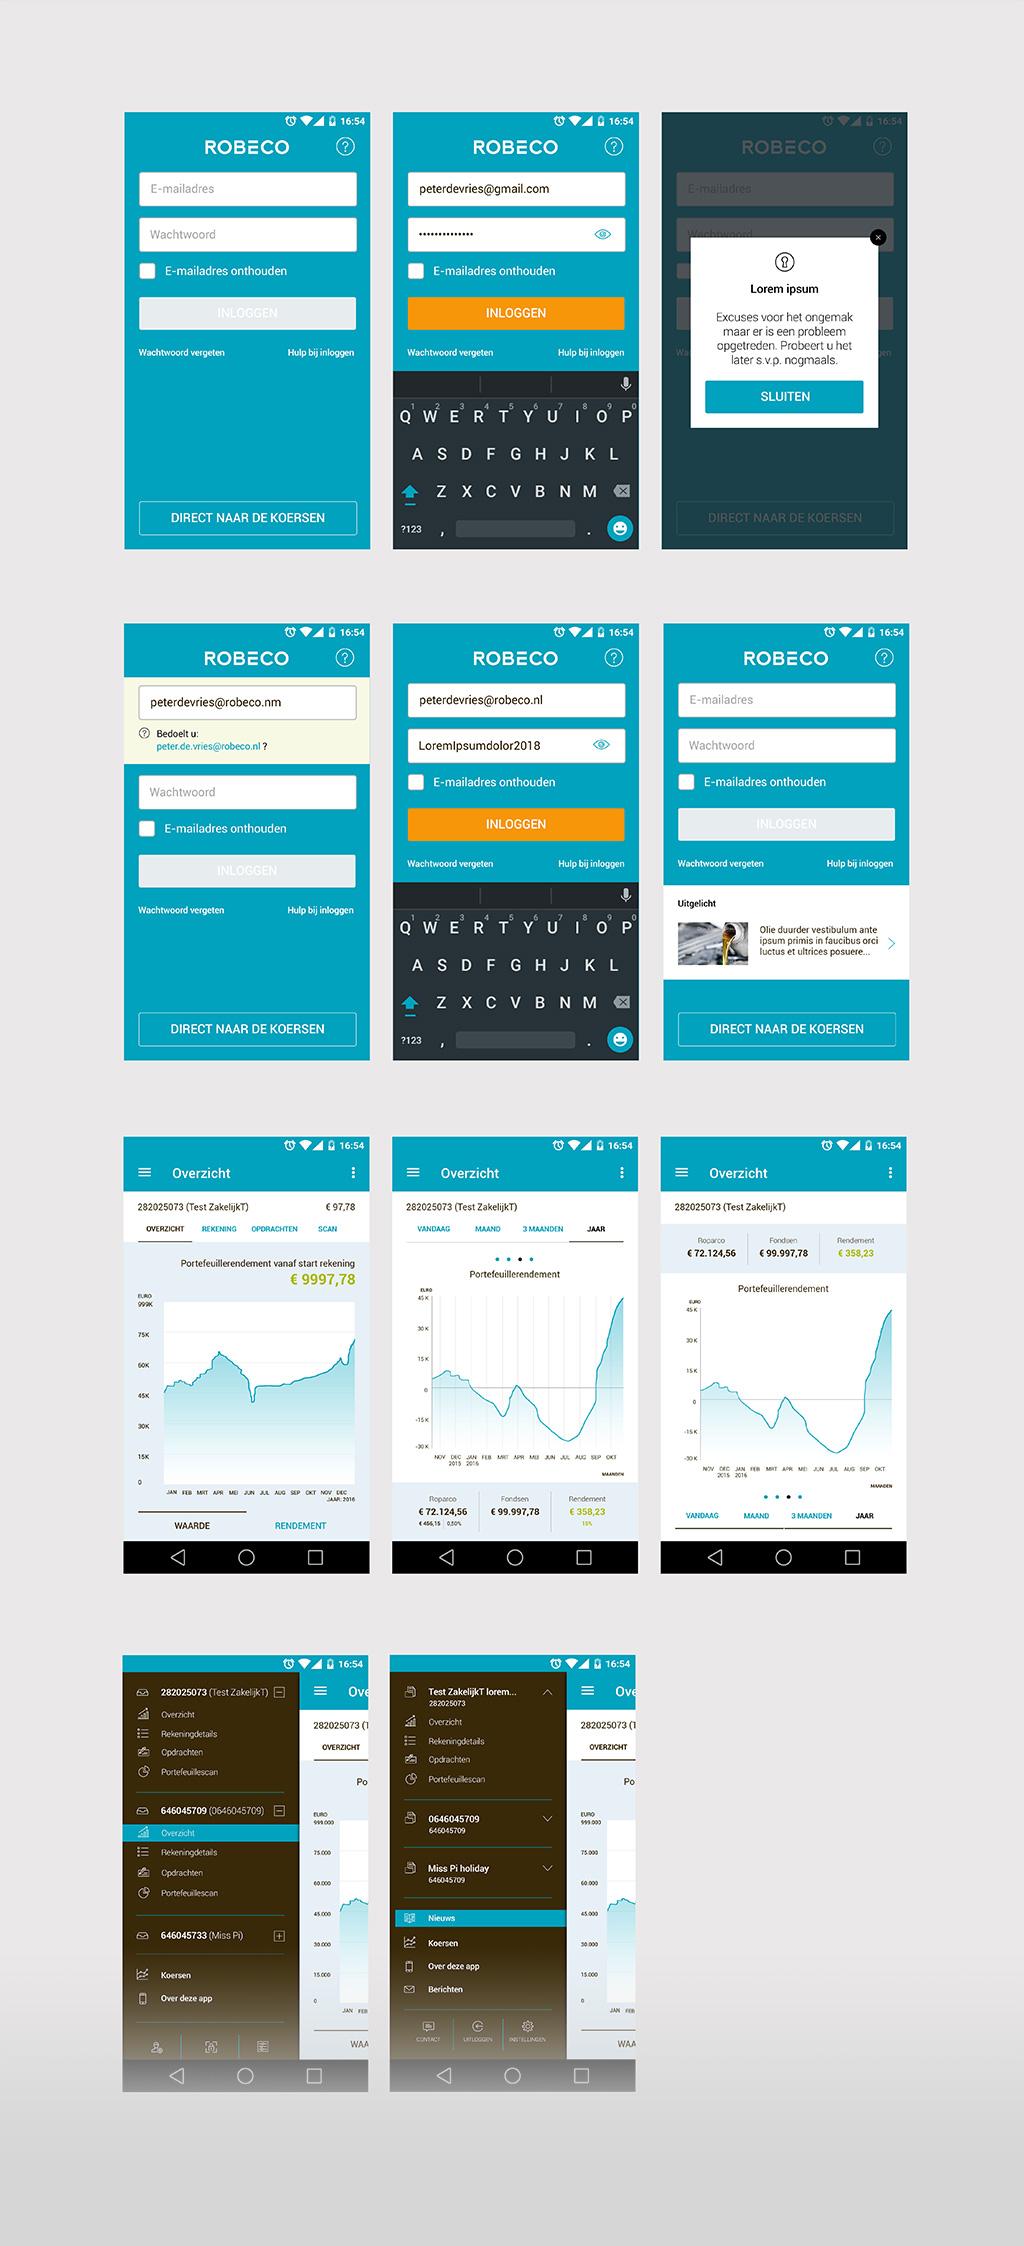 Afbeelding 2 van 6 - Re-design Android mobiele app - Robeco web + mobile app optimalisaties